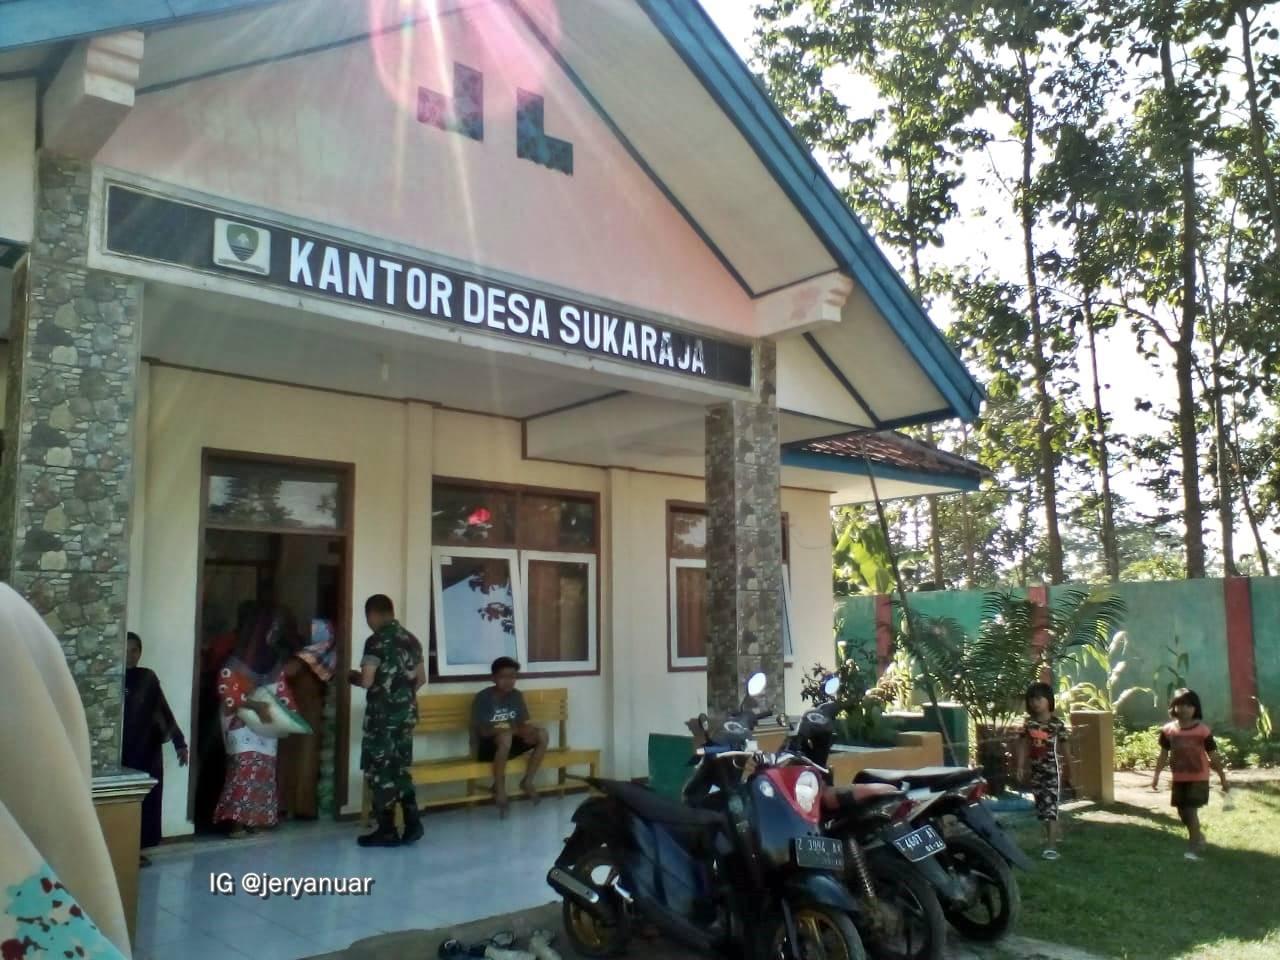 Kantor Desa Sukaraja, Kab. Sumedang